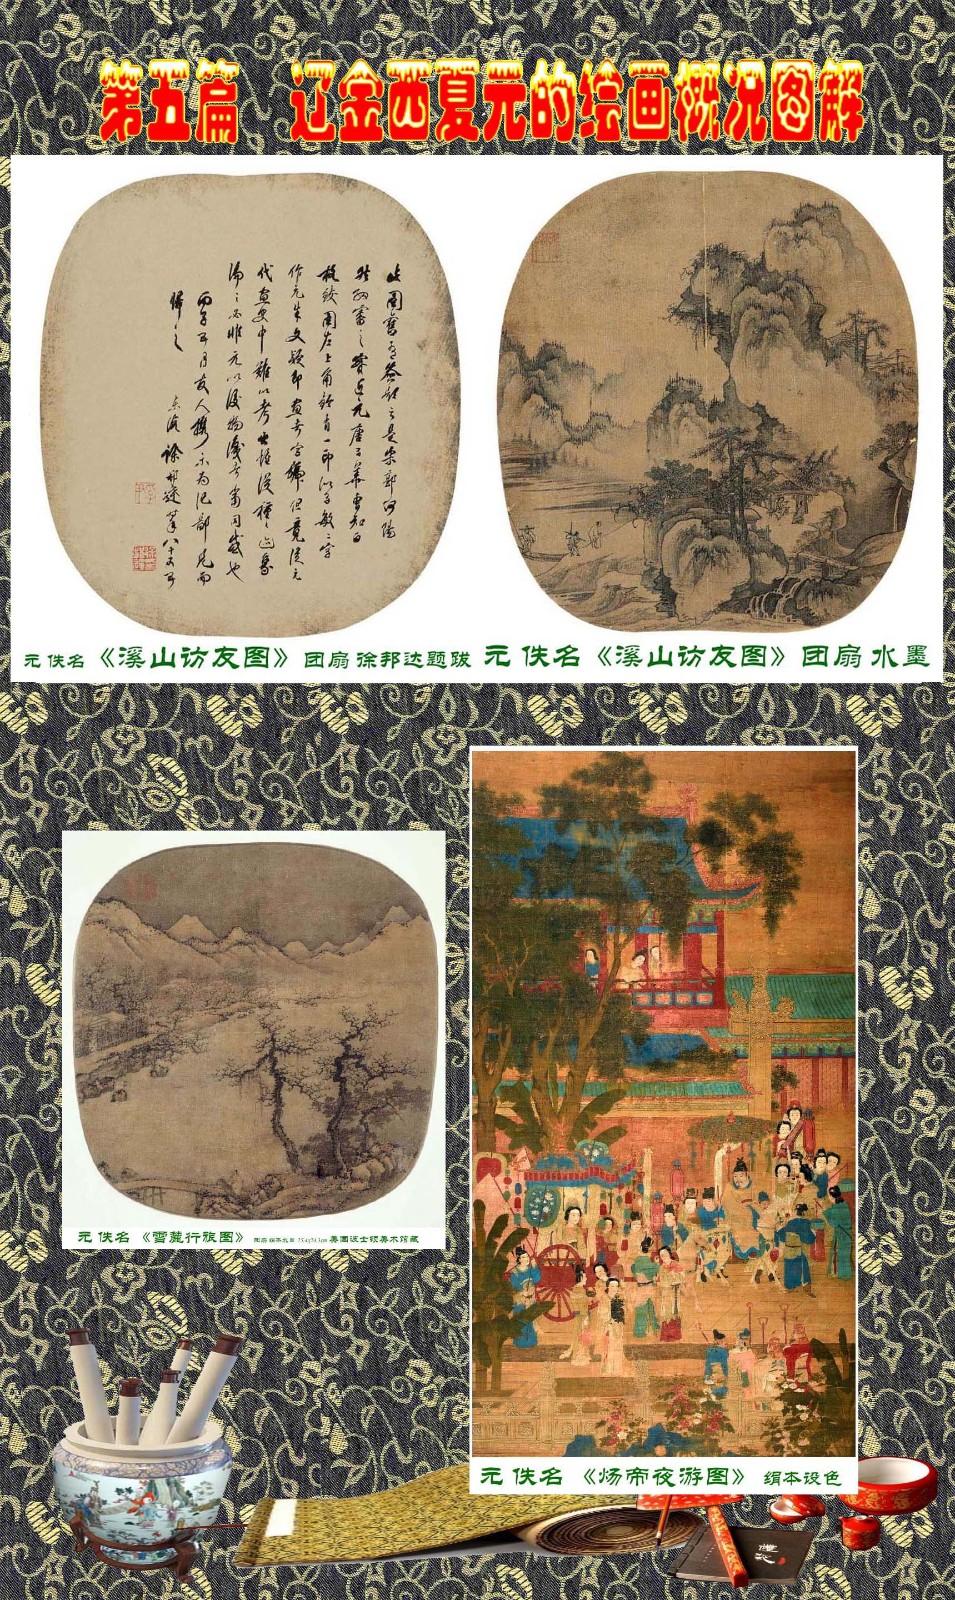 顾绍骅编辑 中国画知识普及版 第五篇 辽金西夏元的绘画概况 下 ... ..._图1-112